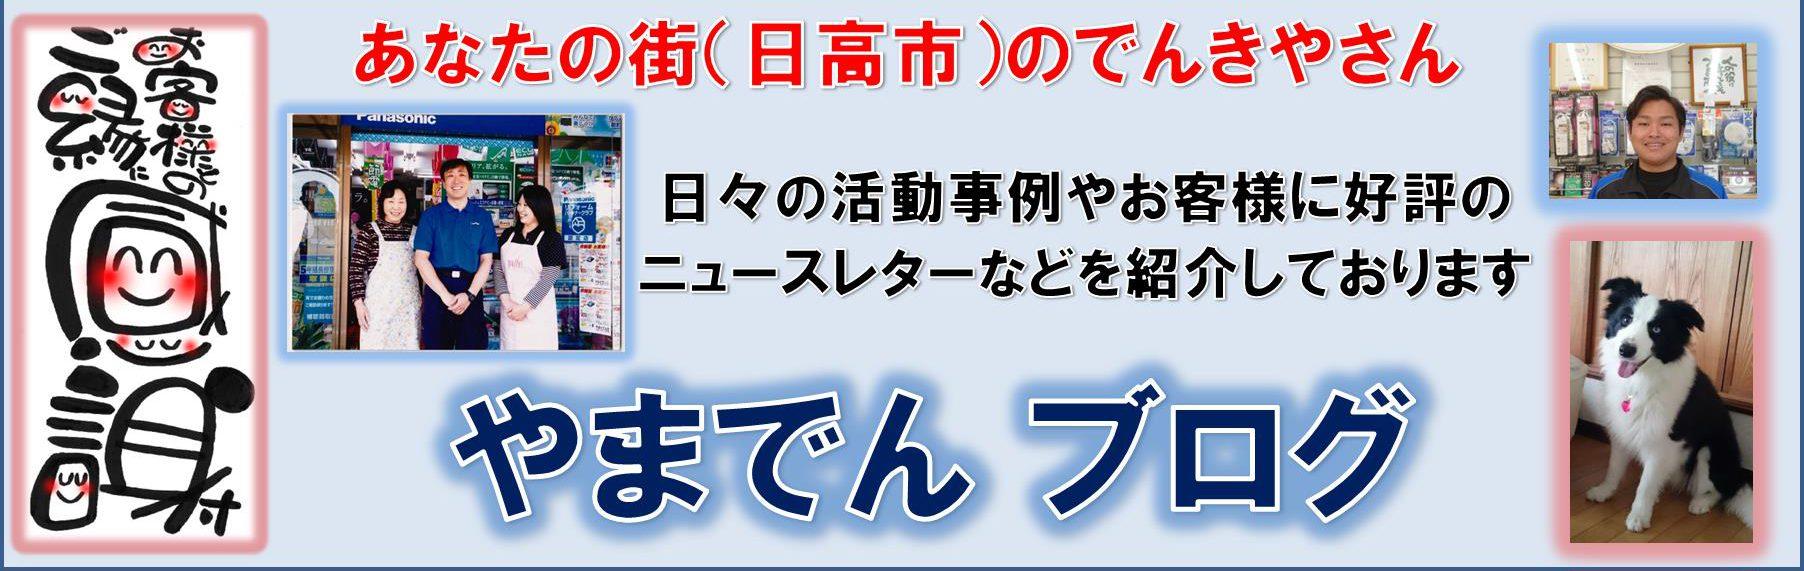 埼玉県日高市のでんきやさん S-LINKやまき(やまきでんき)のブログ        やまでんブログ